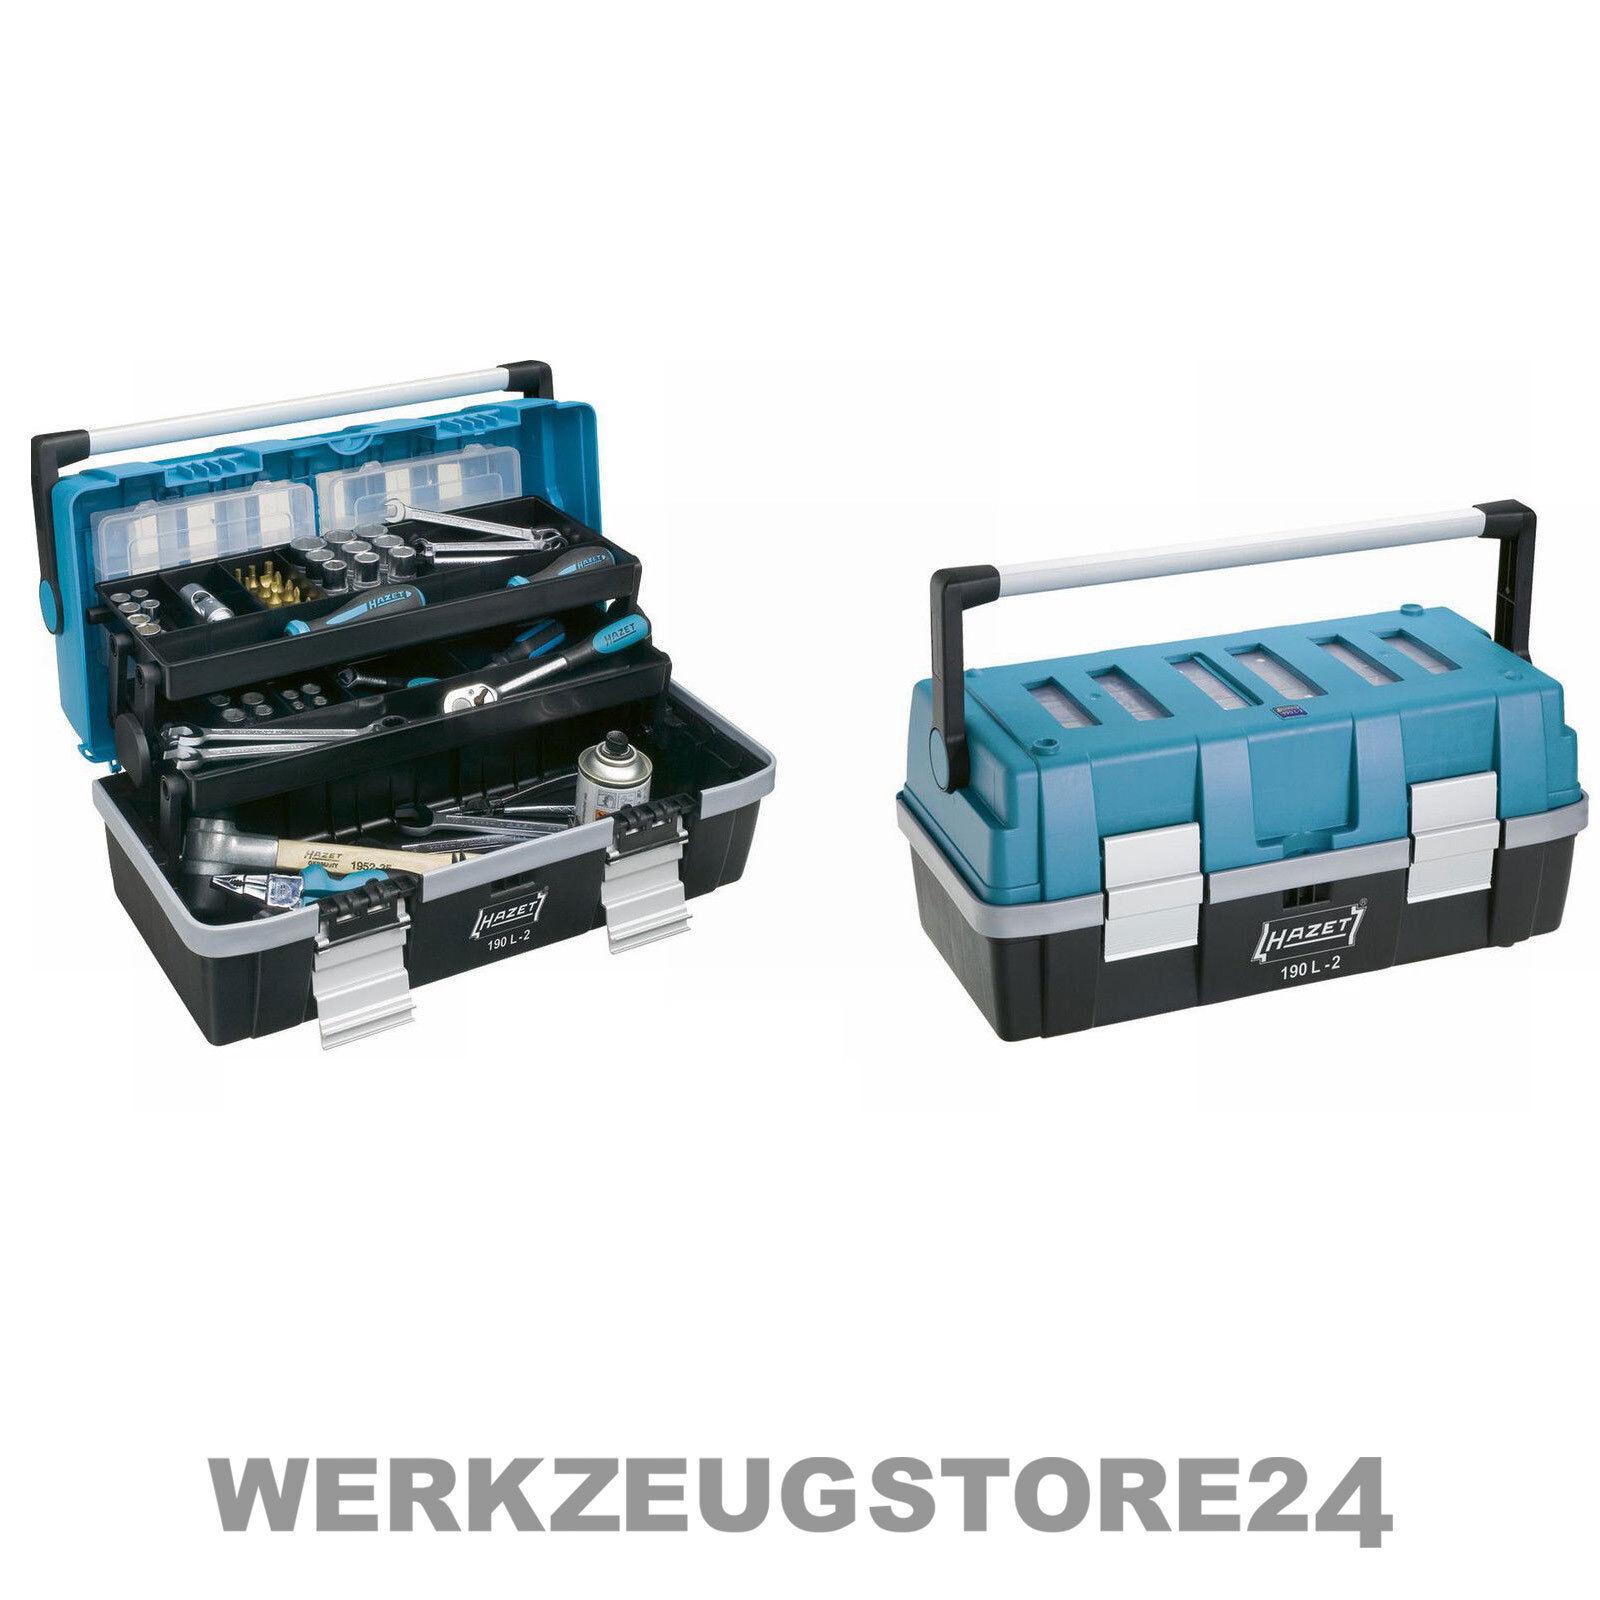 HAZET Kunststoff-Werkzeugkasten Kunststoff-Werkzeugkasten Kunststoff-Werkzeugkasten - LEER - Werkzeugkiste, Werkstattausrüstung 4a0520